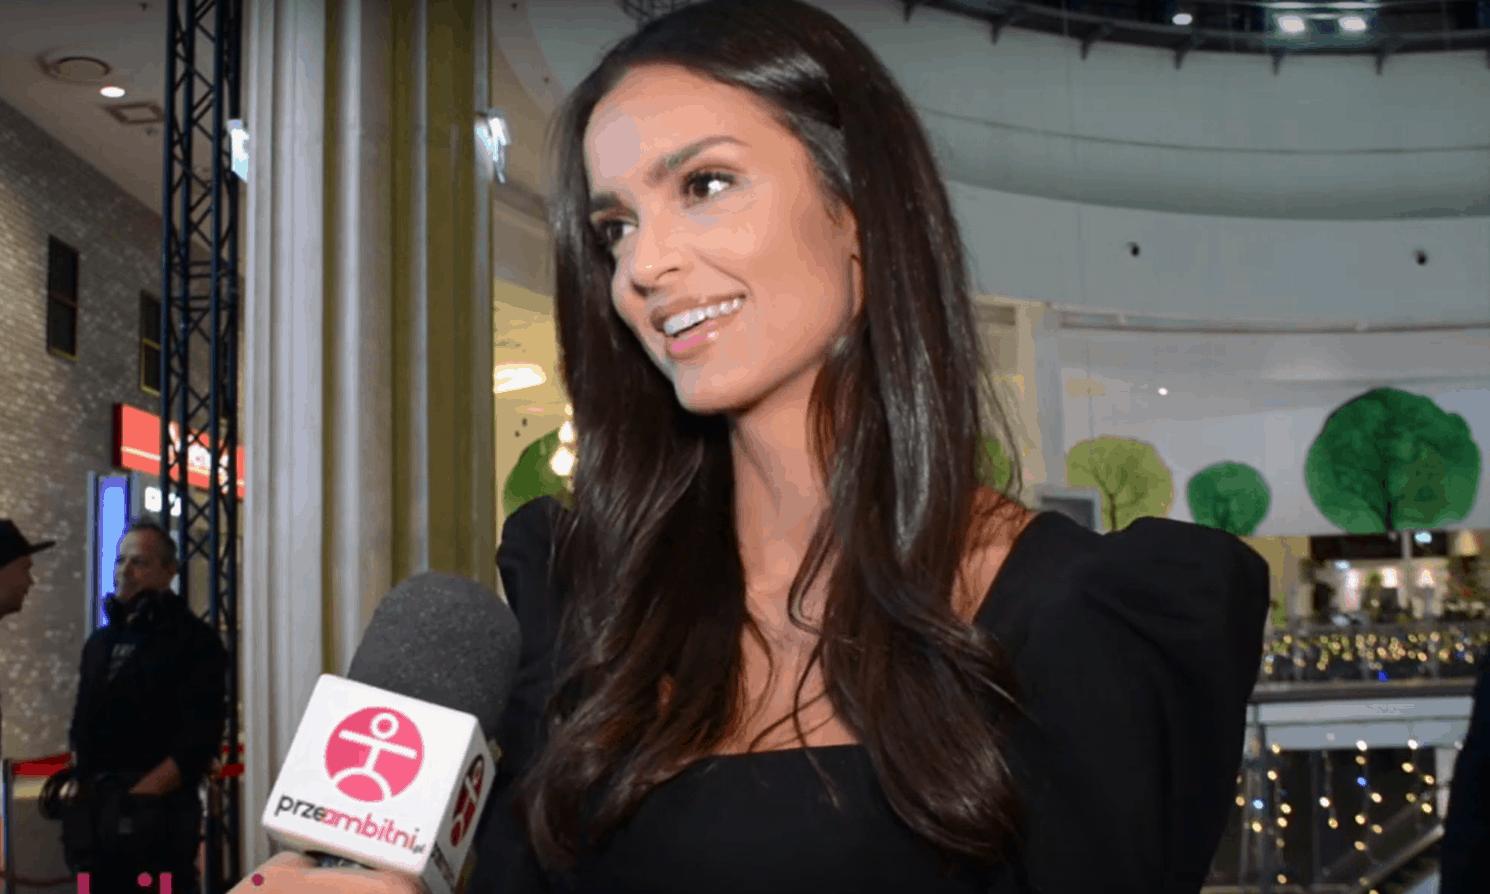 Klaudia El Dursi, uczestniczka Top Model i prowadząca Hotel Paradise wrzuciła na Instagram zdjęcie z Bali, gdzie jest praktycznie całkiem nago. Co za widok